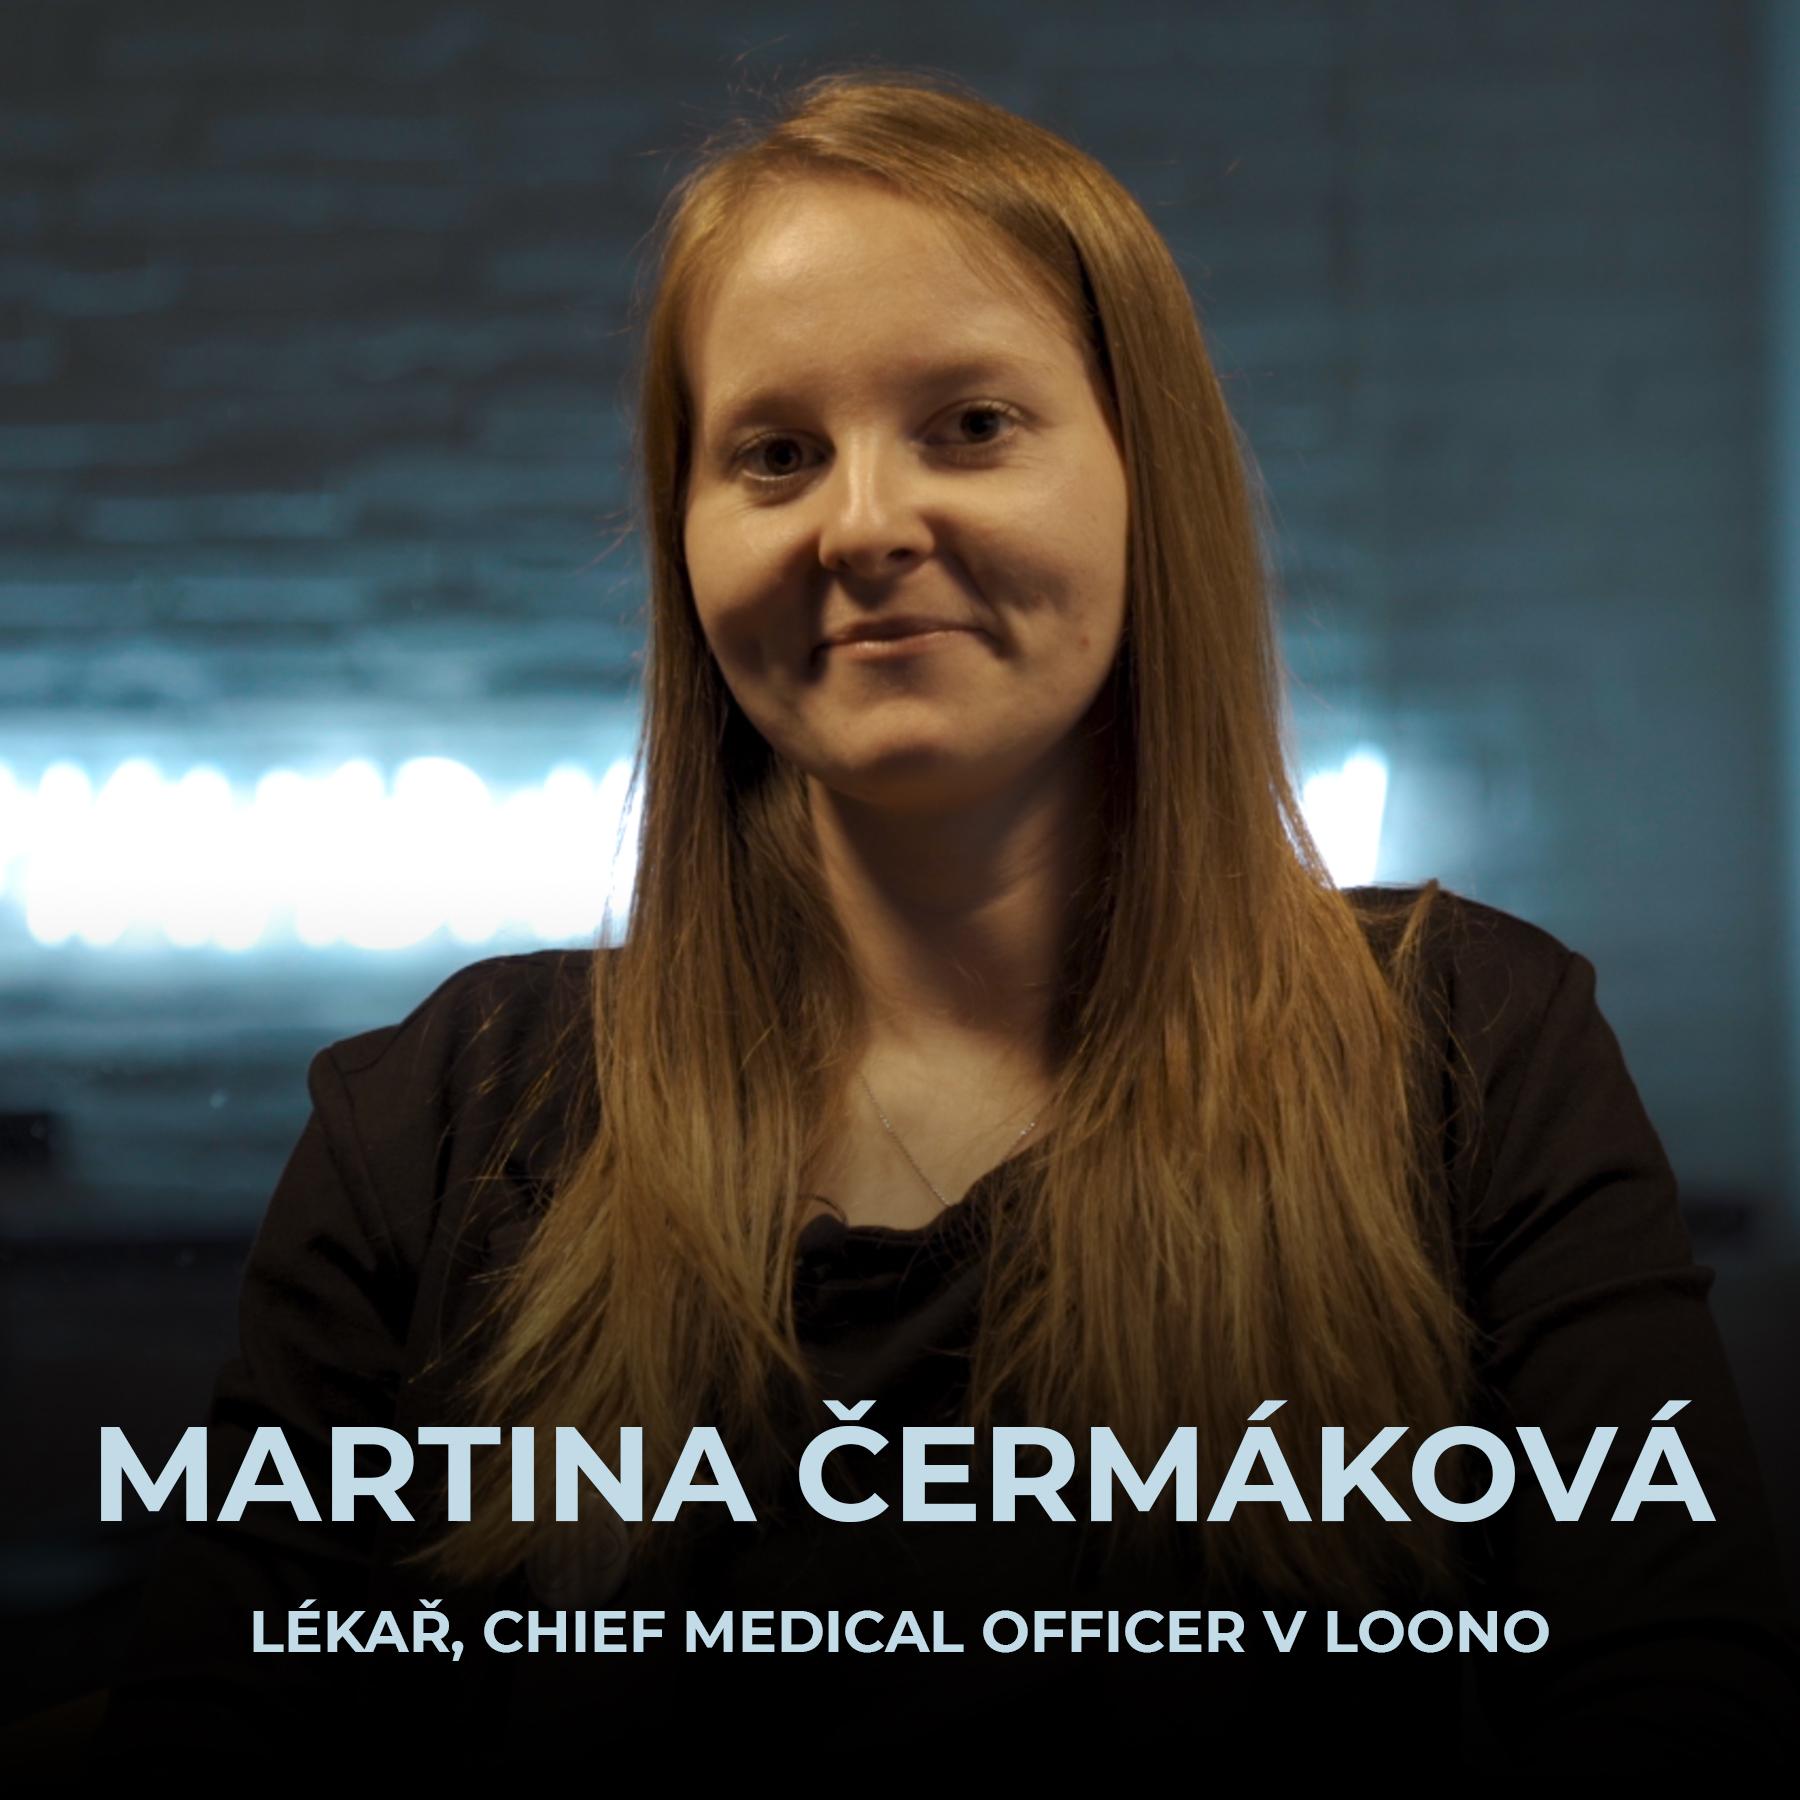 Martina-Cermakova-IG-11